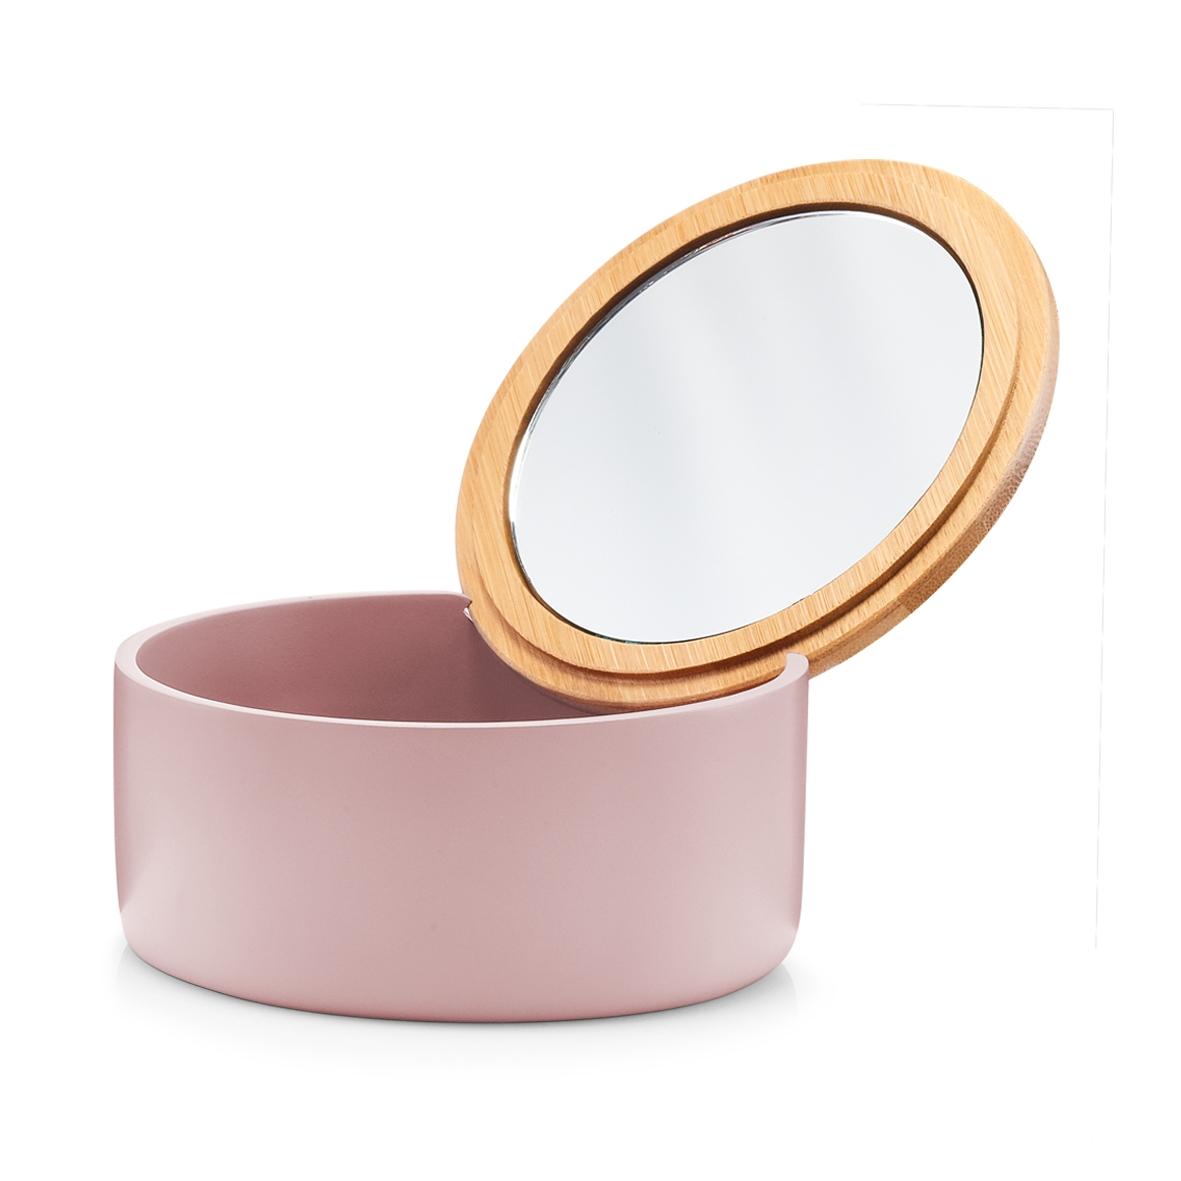 Cutie pentru cosmetice din polirasina, cu oglinda, Pastel Rose, Ø 13,3xH6,5 cm imagine